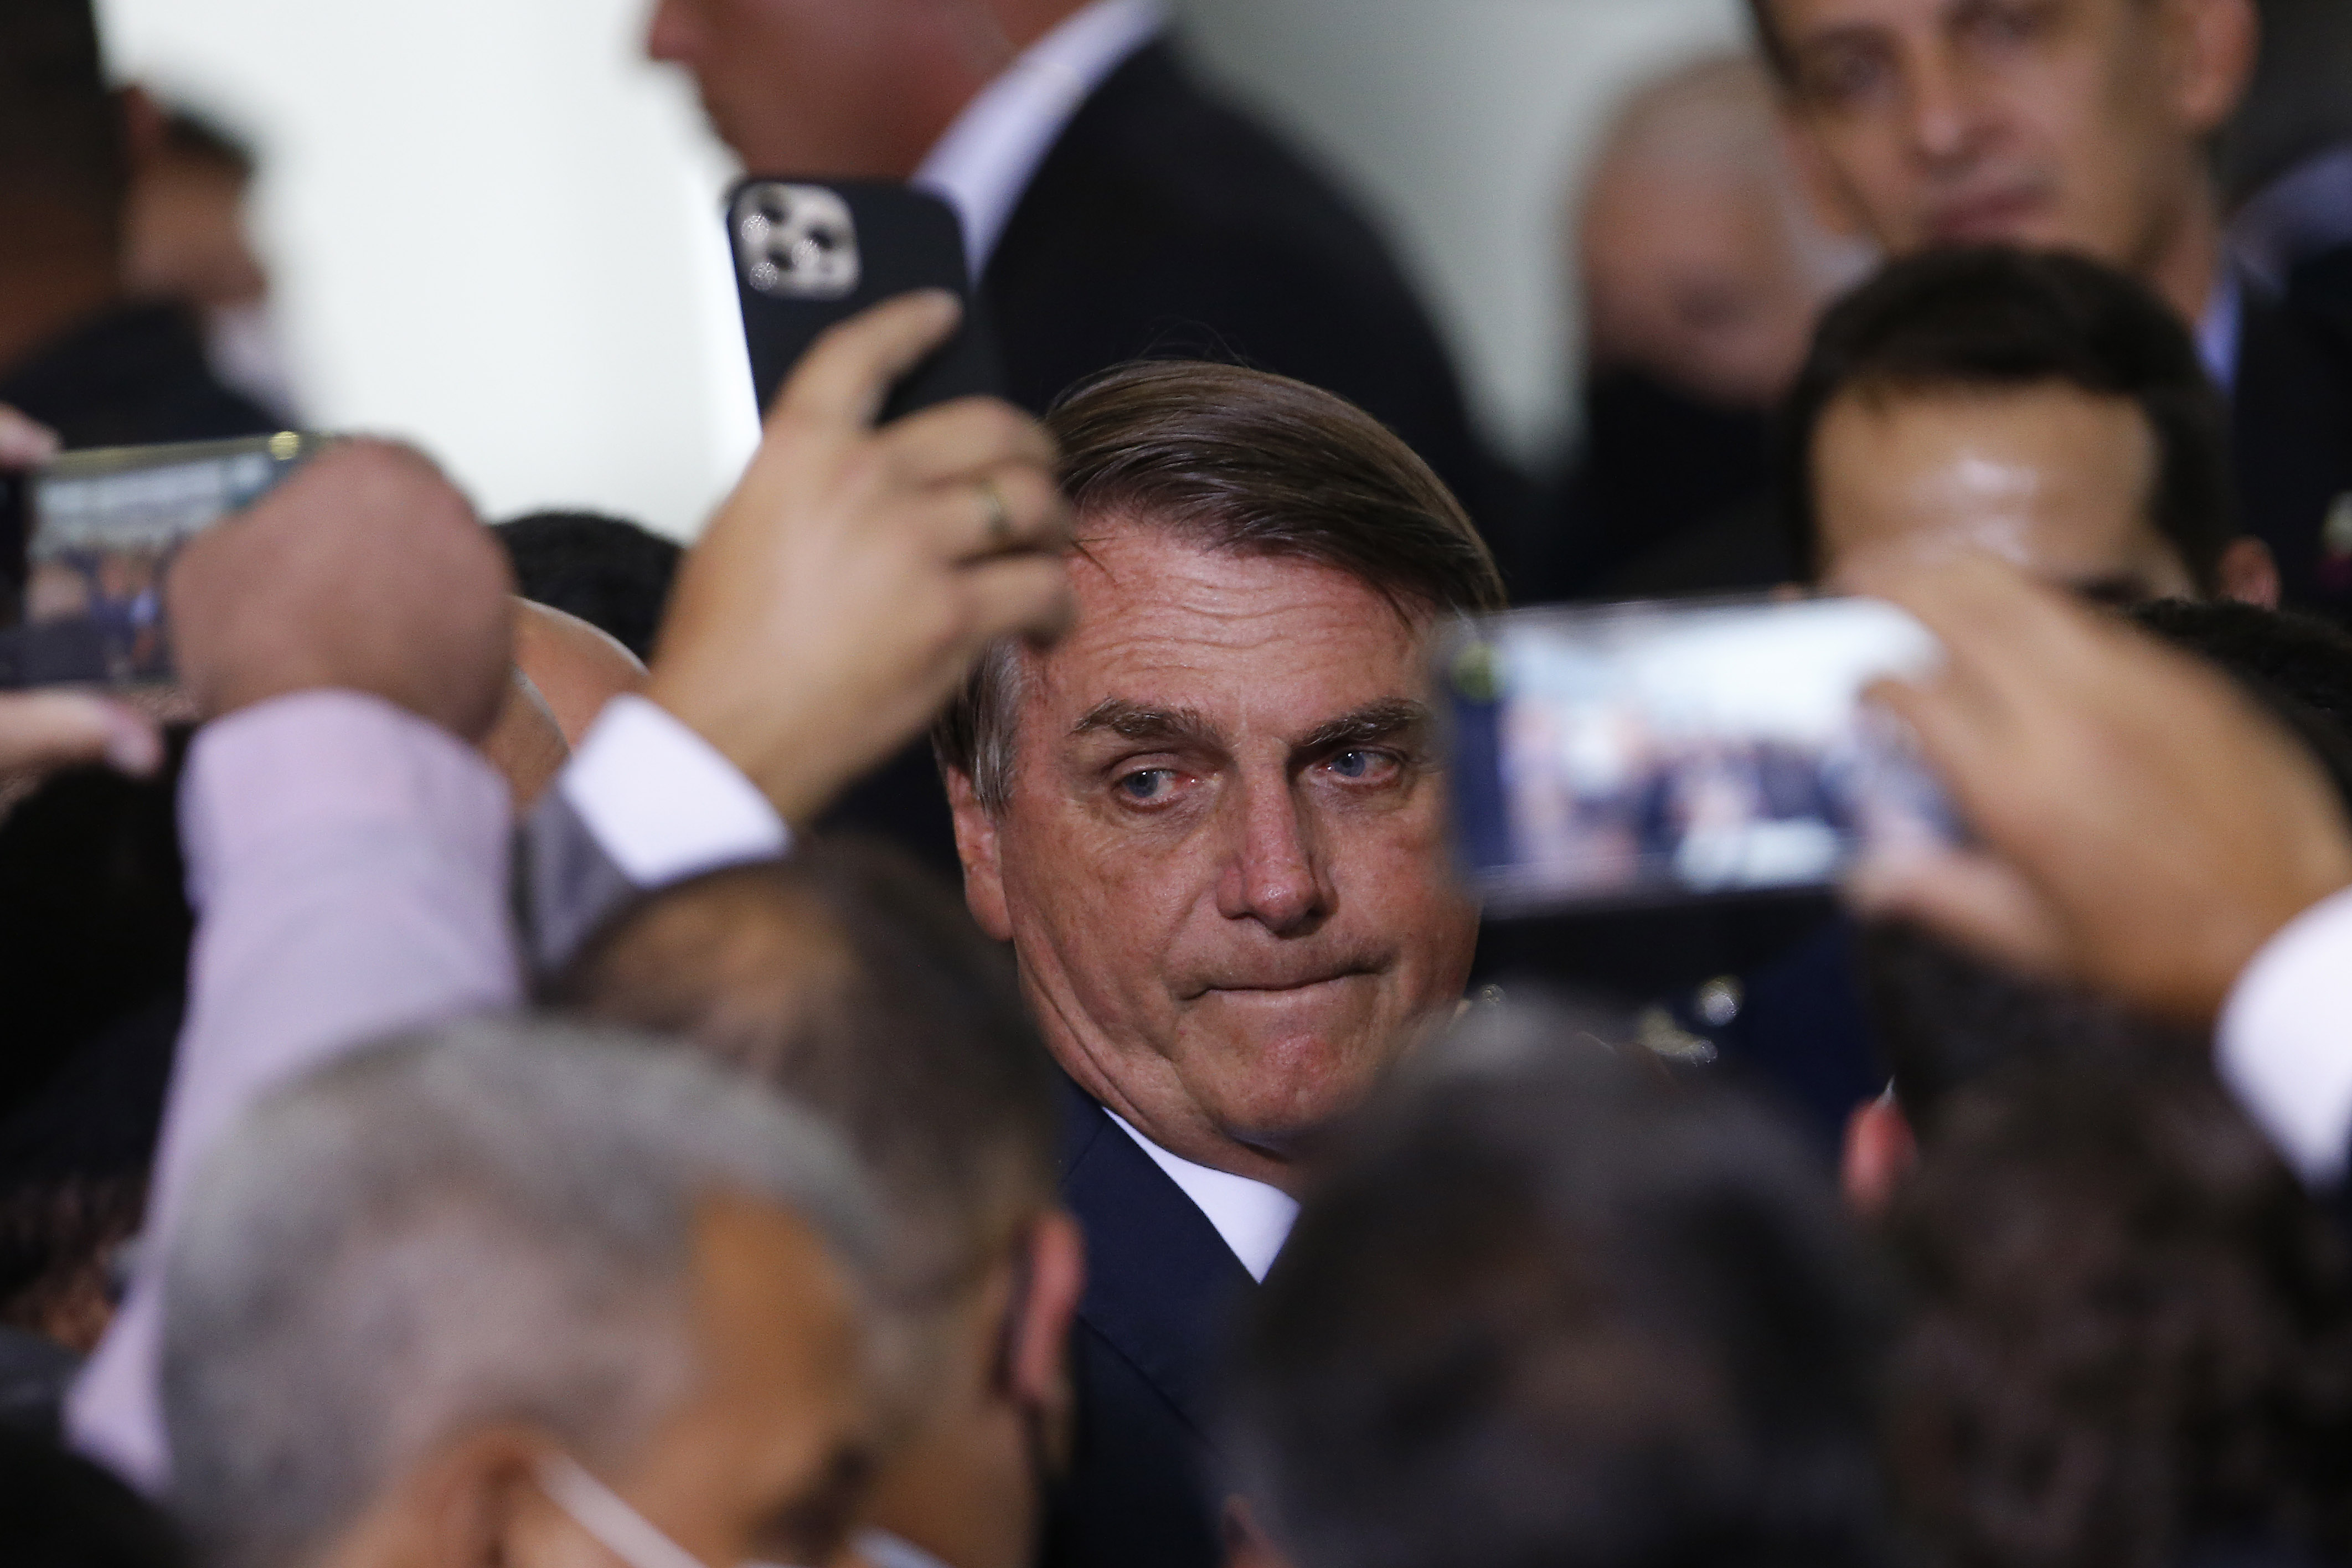 IMAGEM: Partido que Bolsonaro 'namora' é investigado por ligação com milícias